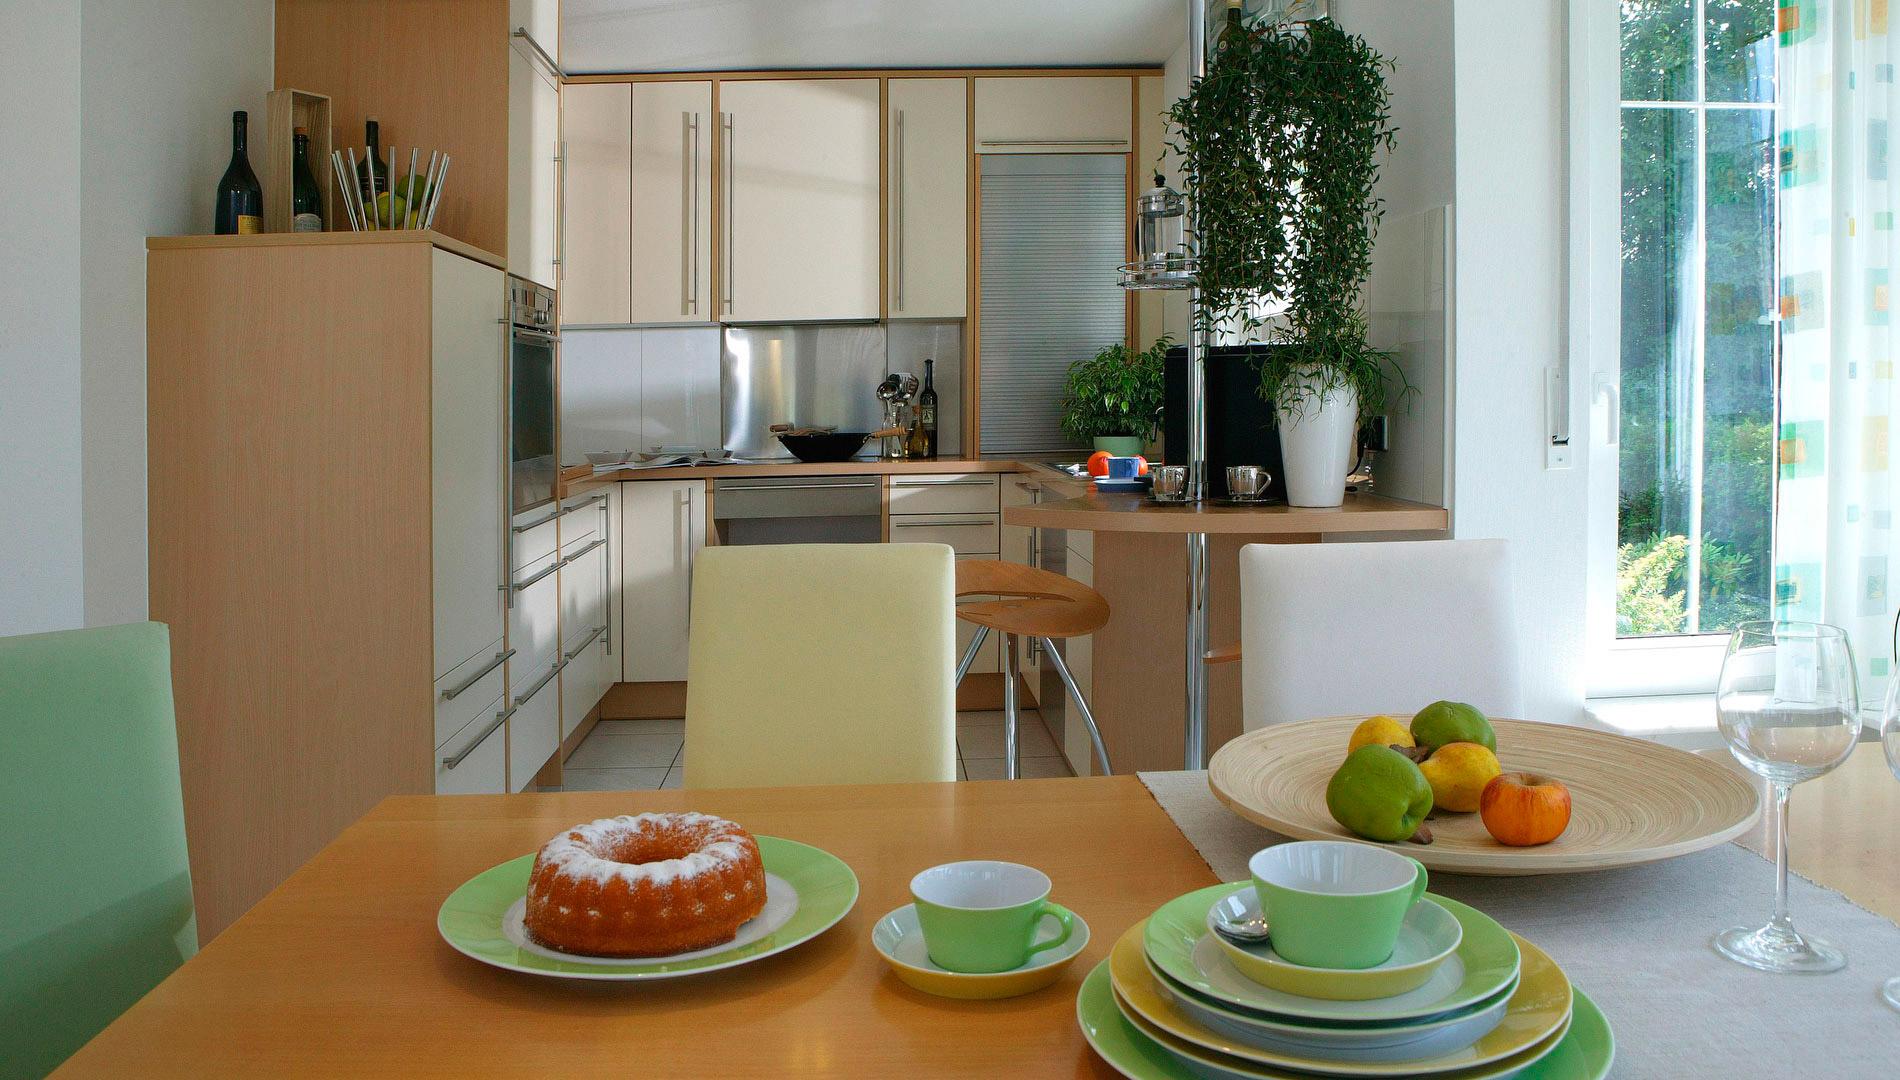 fertighaus weiss musterhaus mannheim fertighaus weiss gmbh anbieter. Black Bedroom Furniture Sets. Home Design Ideas